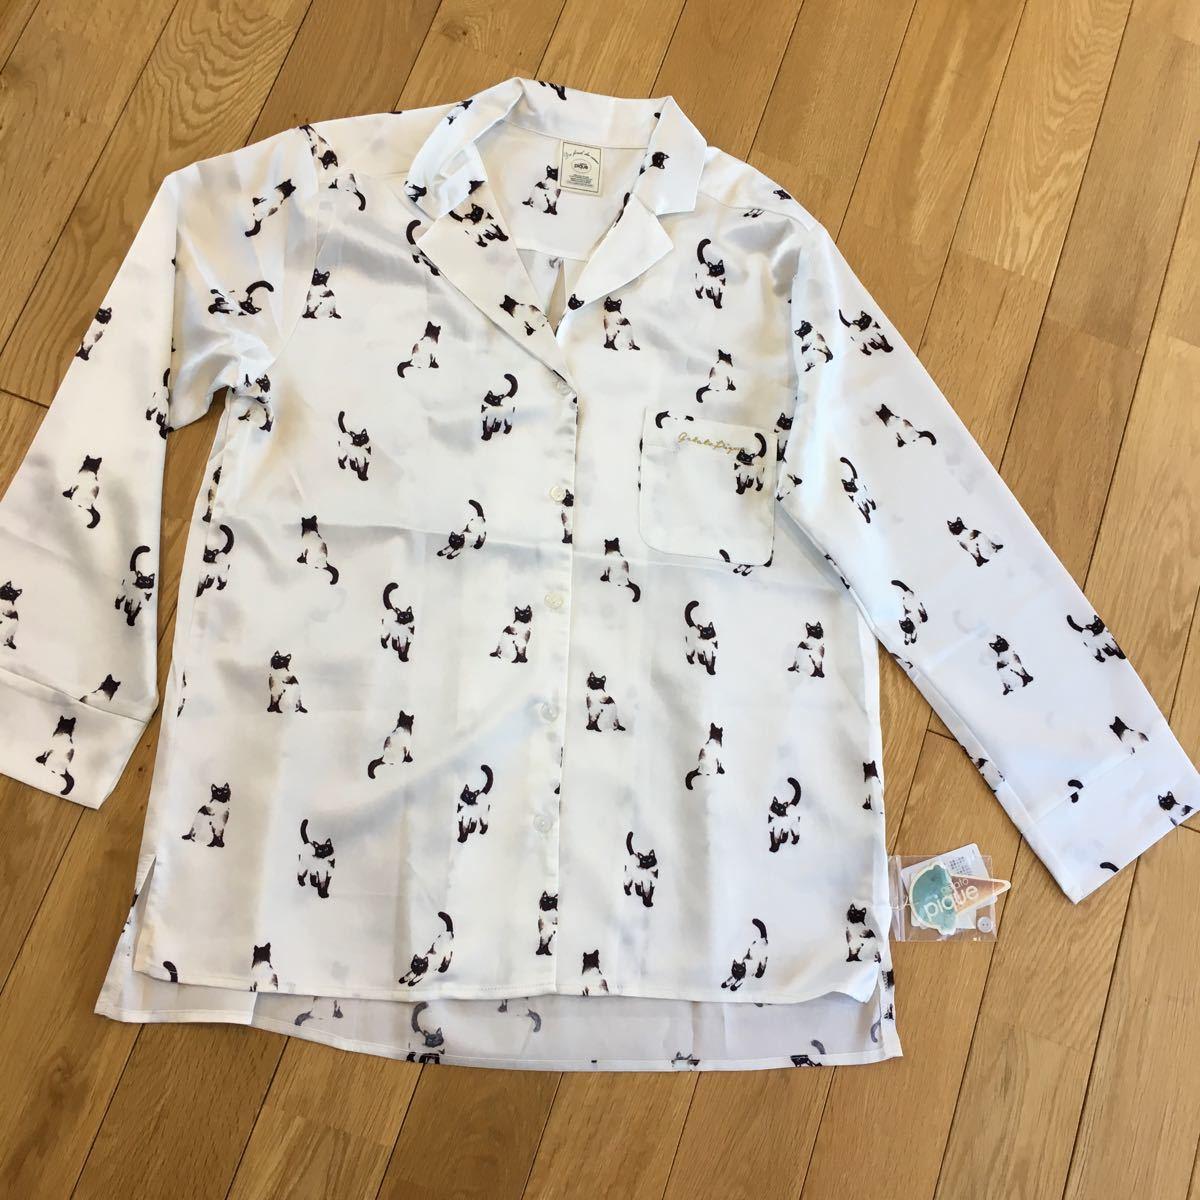 新品 ジェラートピケ キャットサテンシャツ 猫柄 長袖トップス タグ付き 即決 ルームウェア 部屋着 パジャマ オフホワイト_画像4